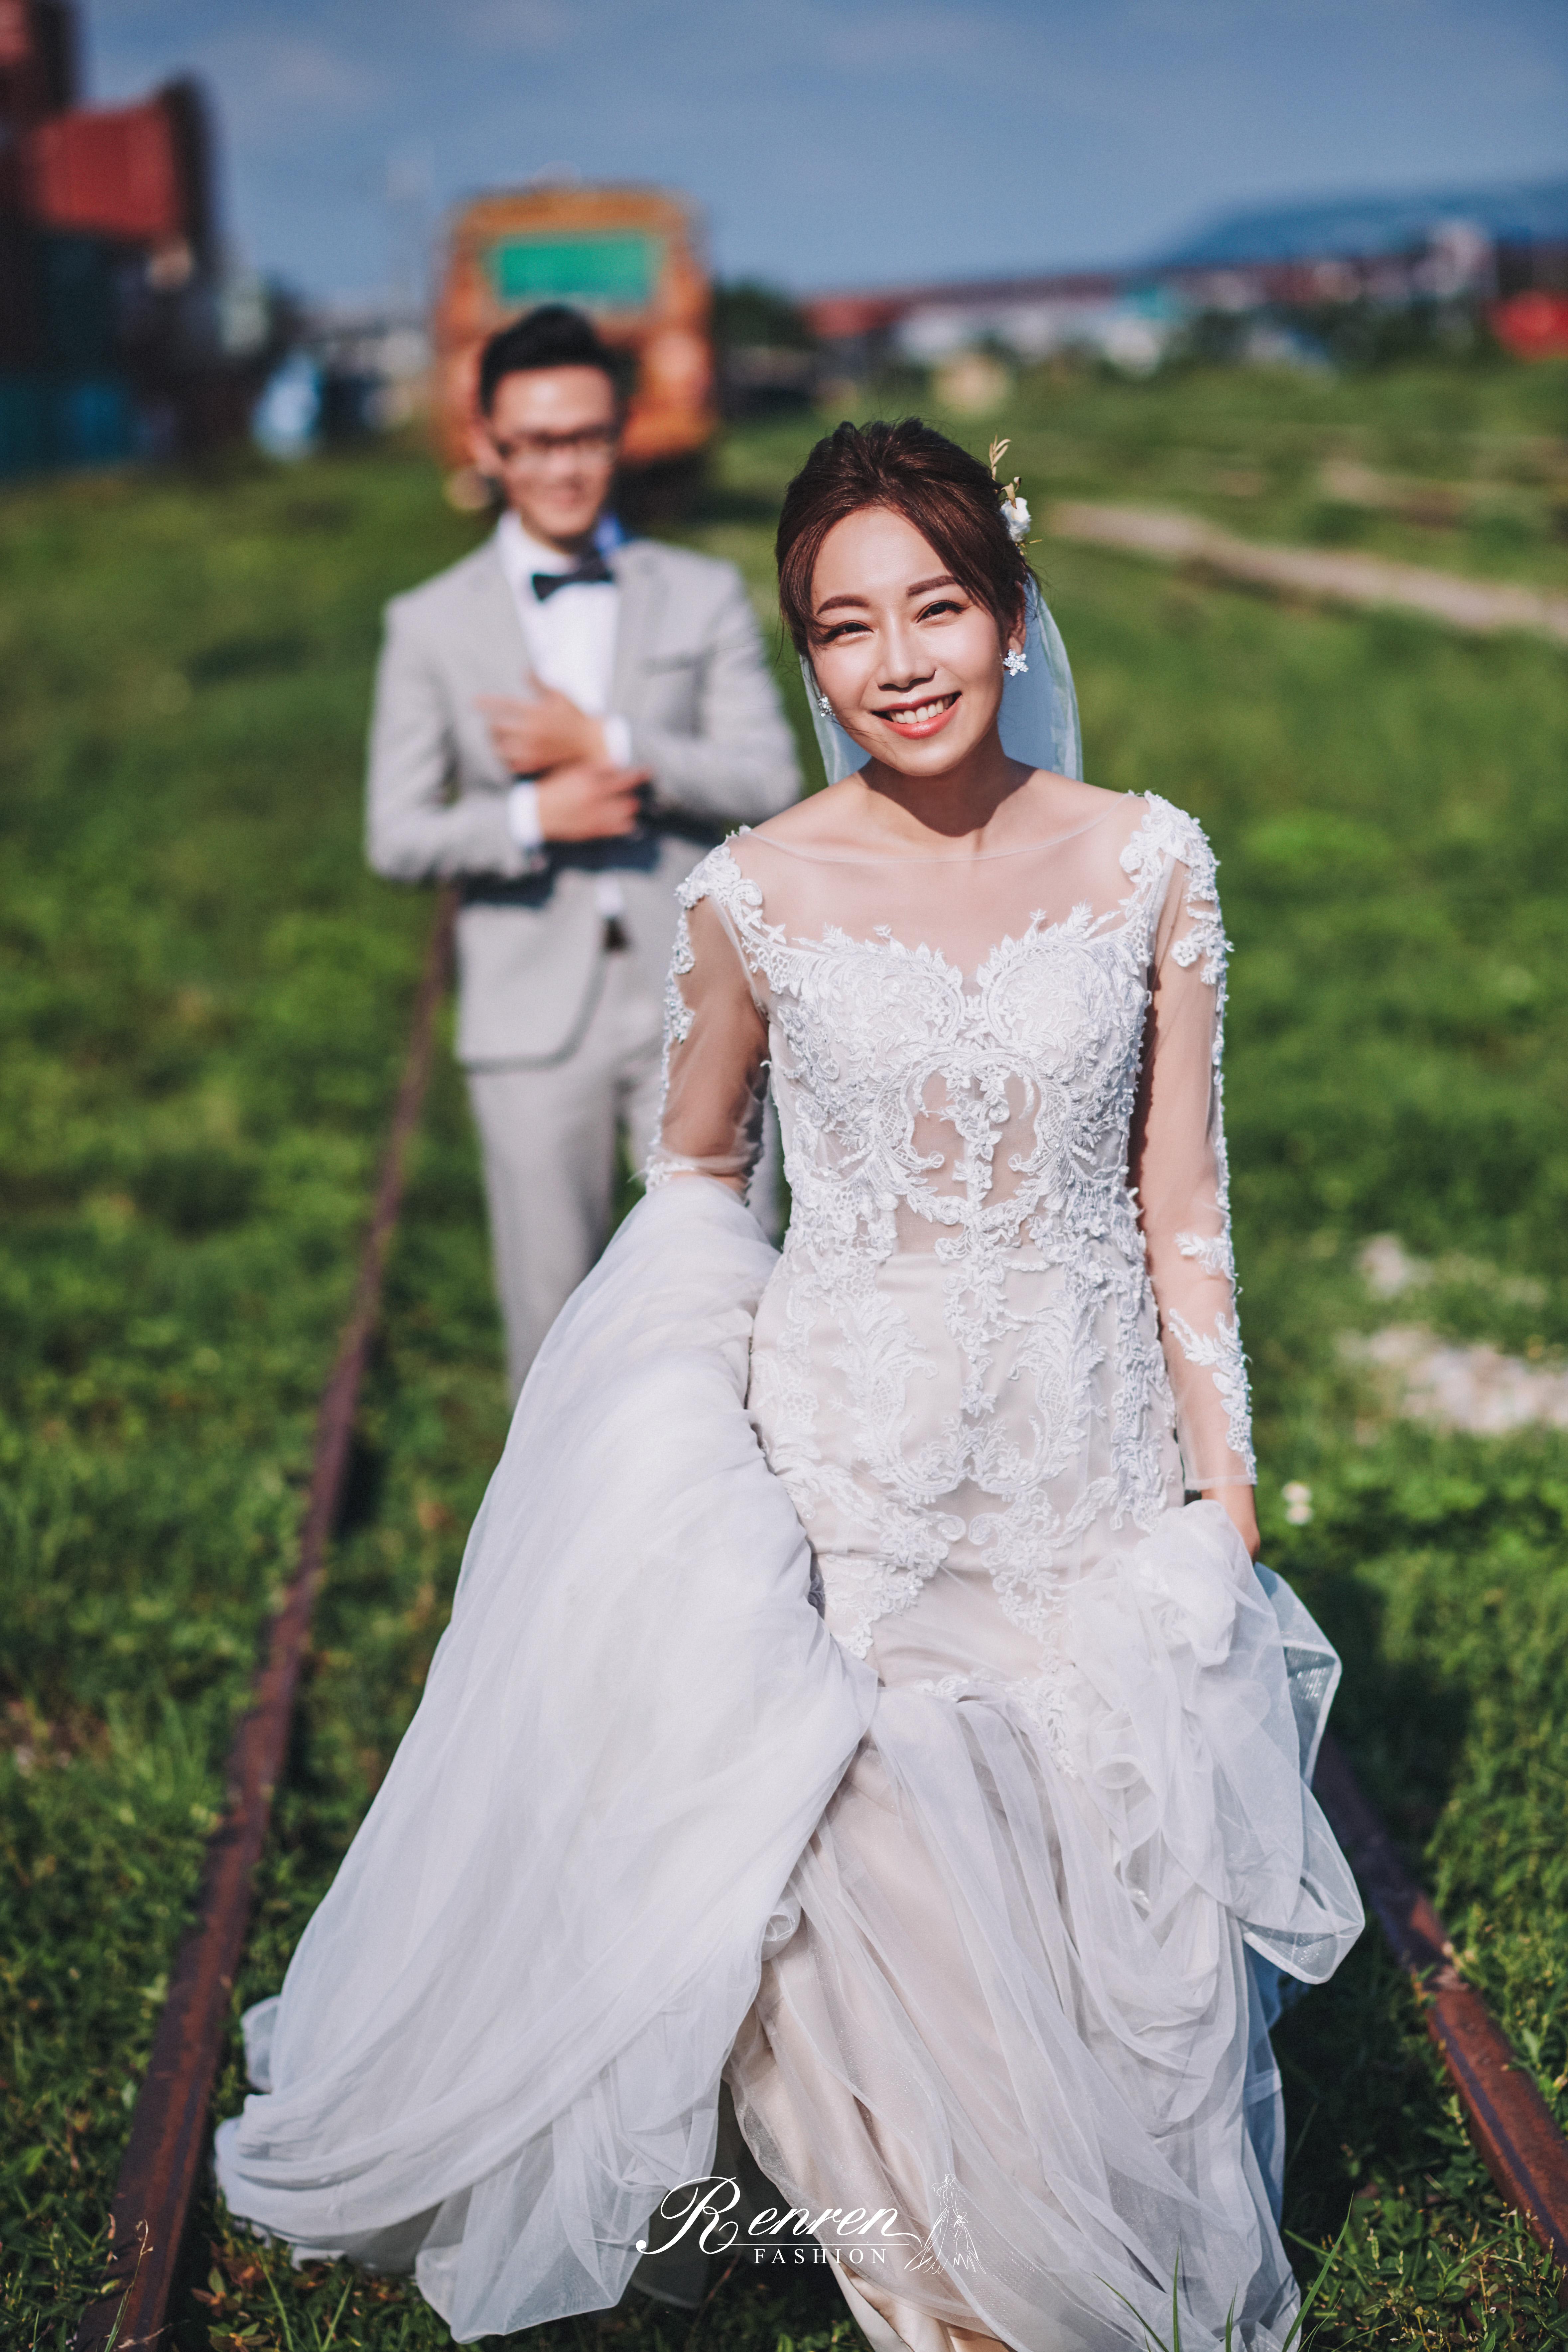 冉冉婚紗-清水-台中婚紗